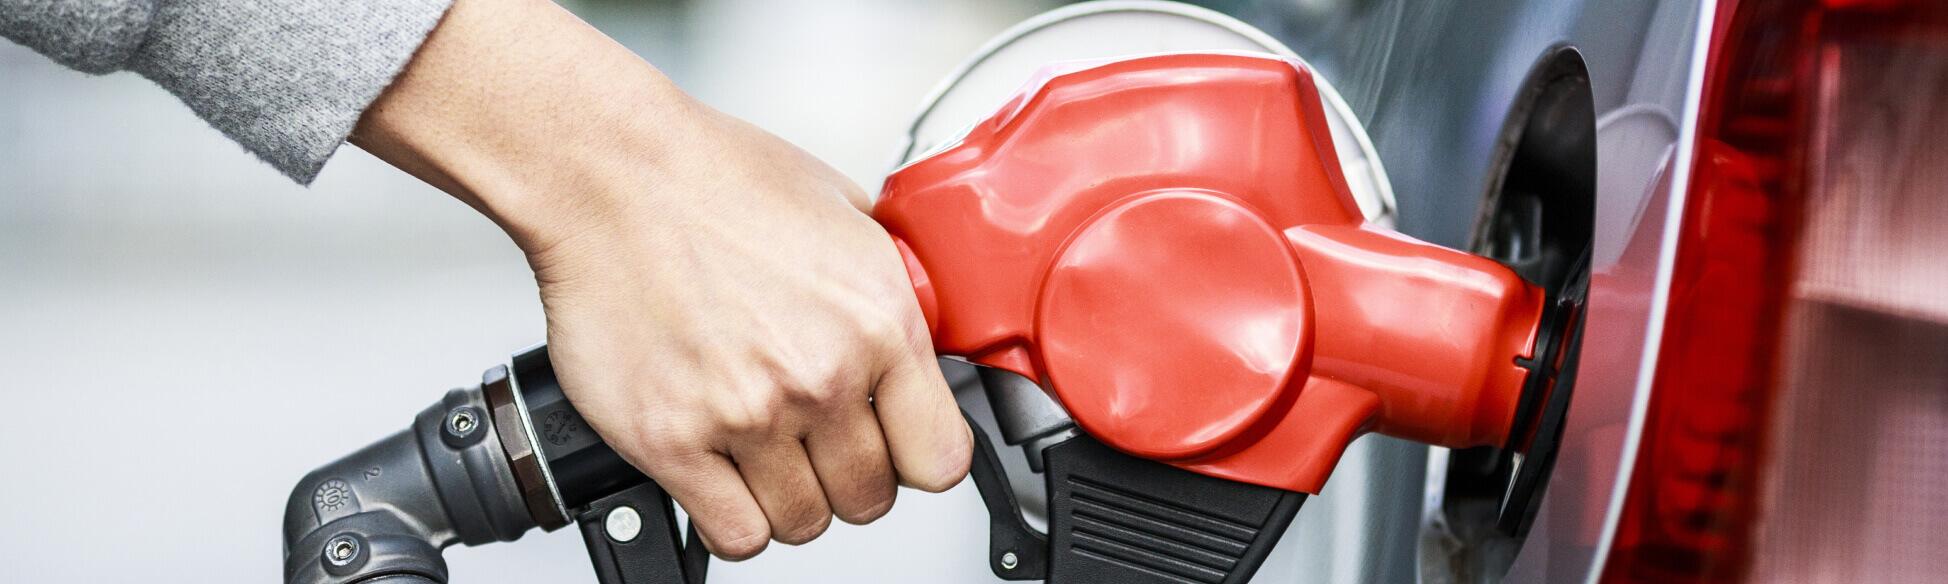 大激変時代のガソリンスタンド~テクノロジーを活かした新時代の車両管理、灯油・プロパン配送を考える~